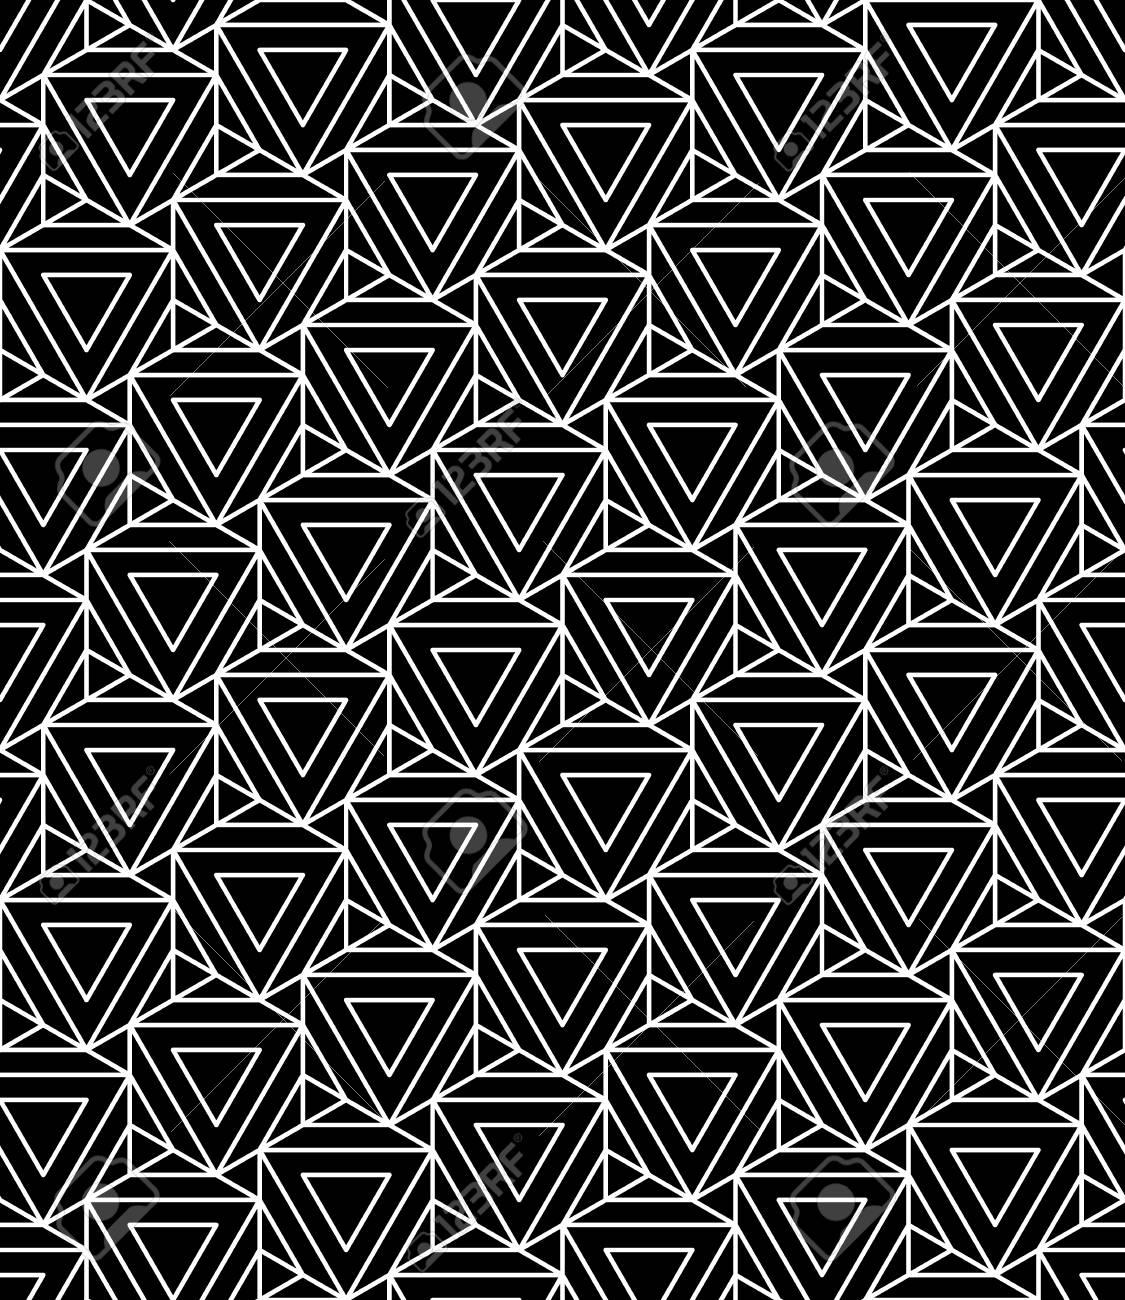 Vecteur Modele De La Geometrie Transparente Moderne Hexagone Noir Et Blanc Abstrait Geometrique Imprime A La Mode Monochrome Retro Texture Design